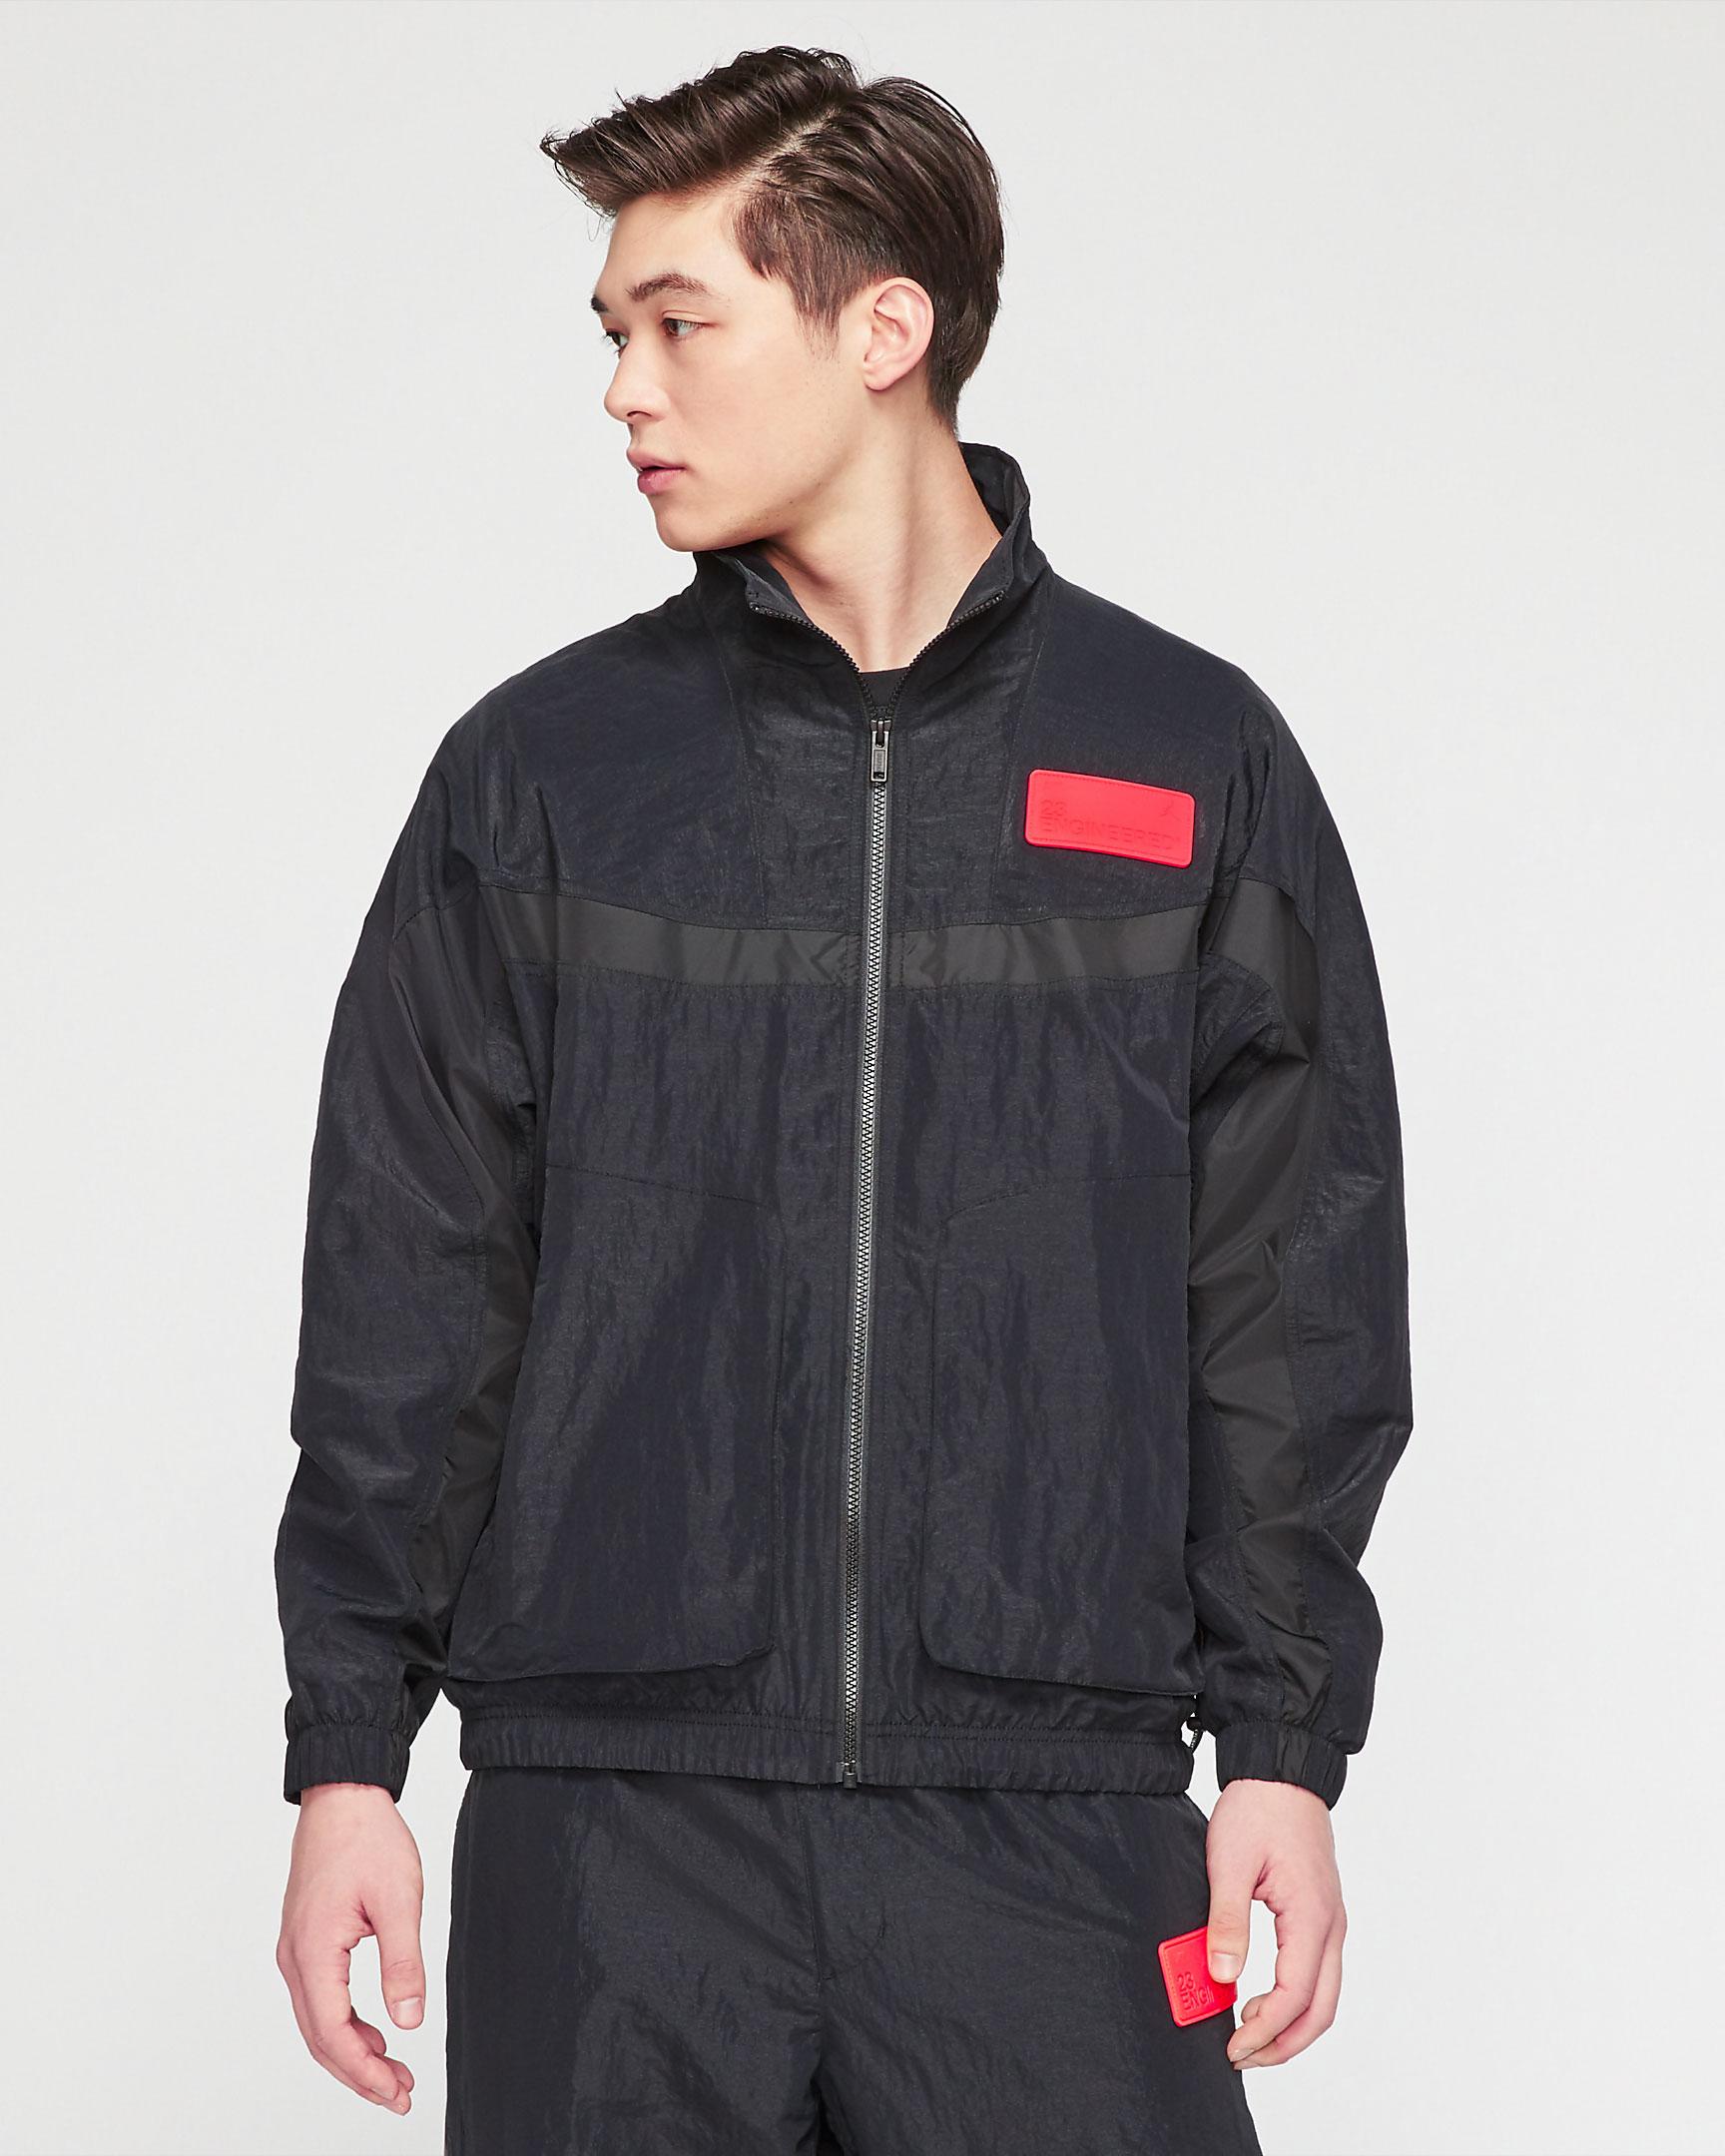 jordan-23-engineered-jacket-black-red-1